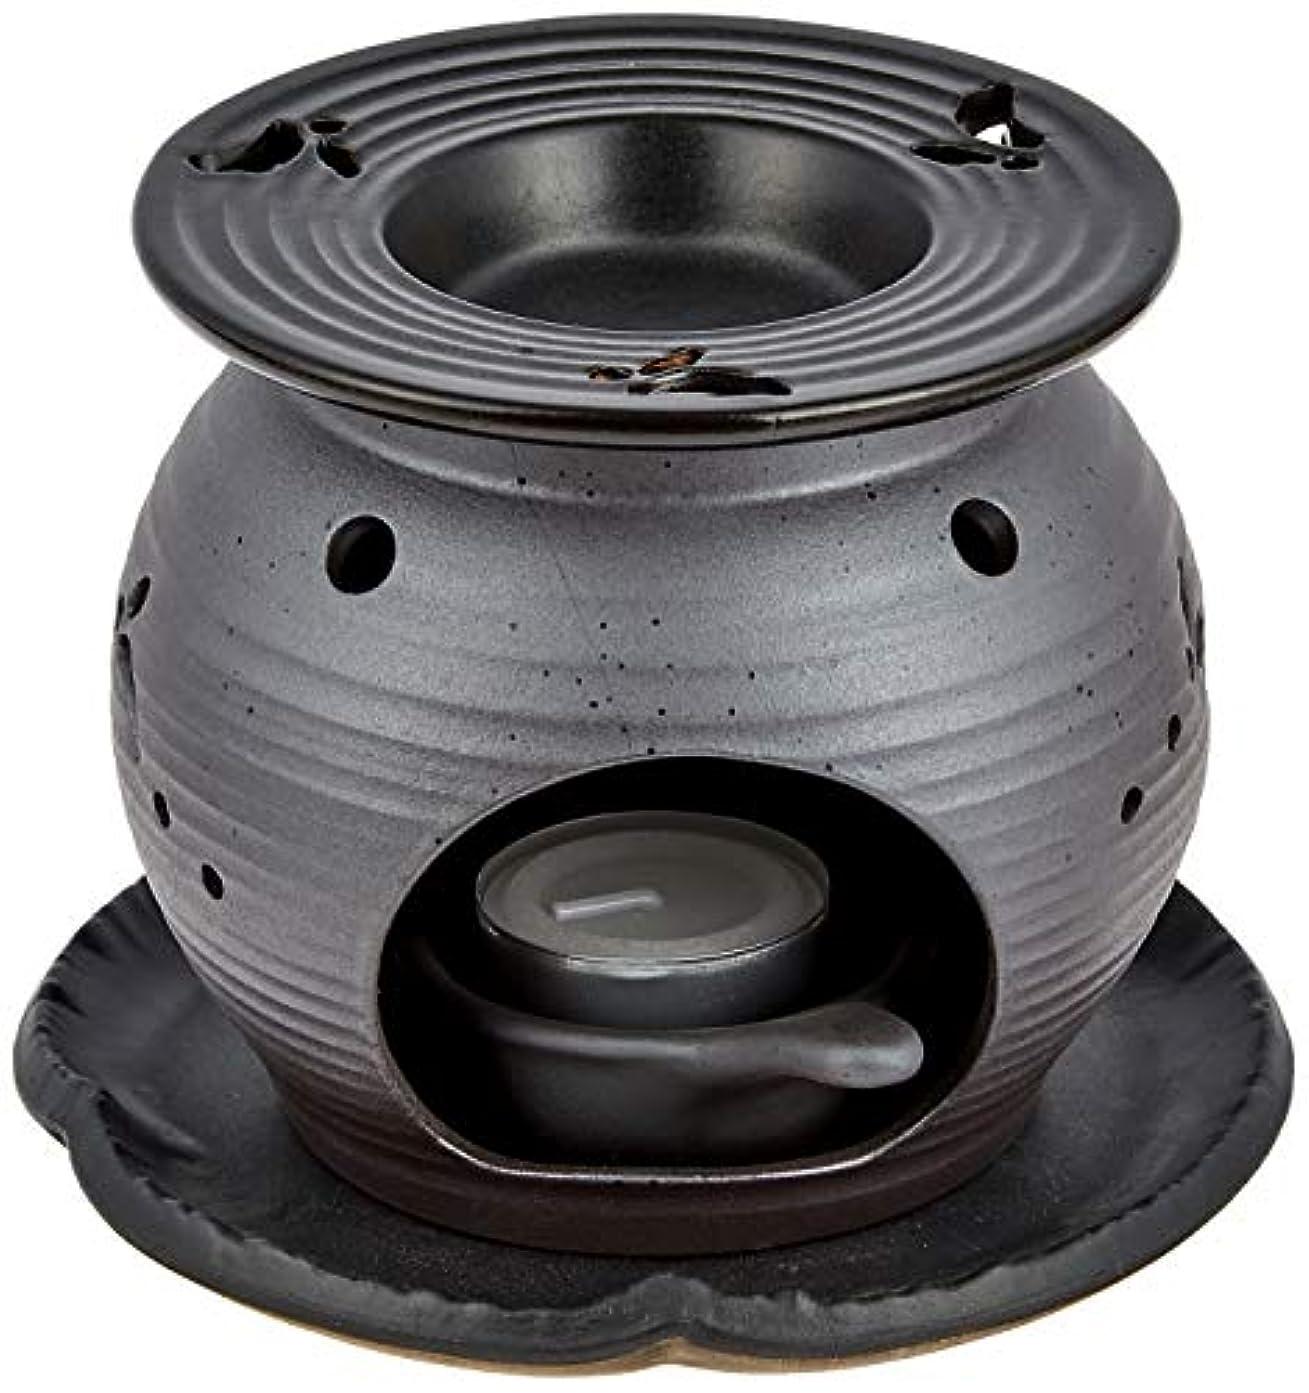 程度終わらせる素晴らしい常滑焼5-260盛正 黒泥丸形ウサギ茶香炉 AM-T1053